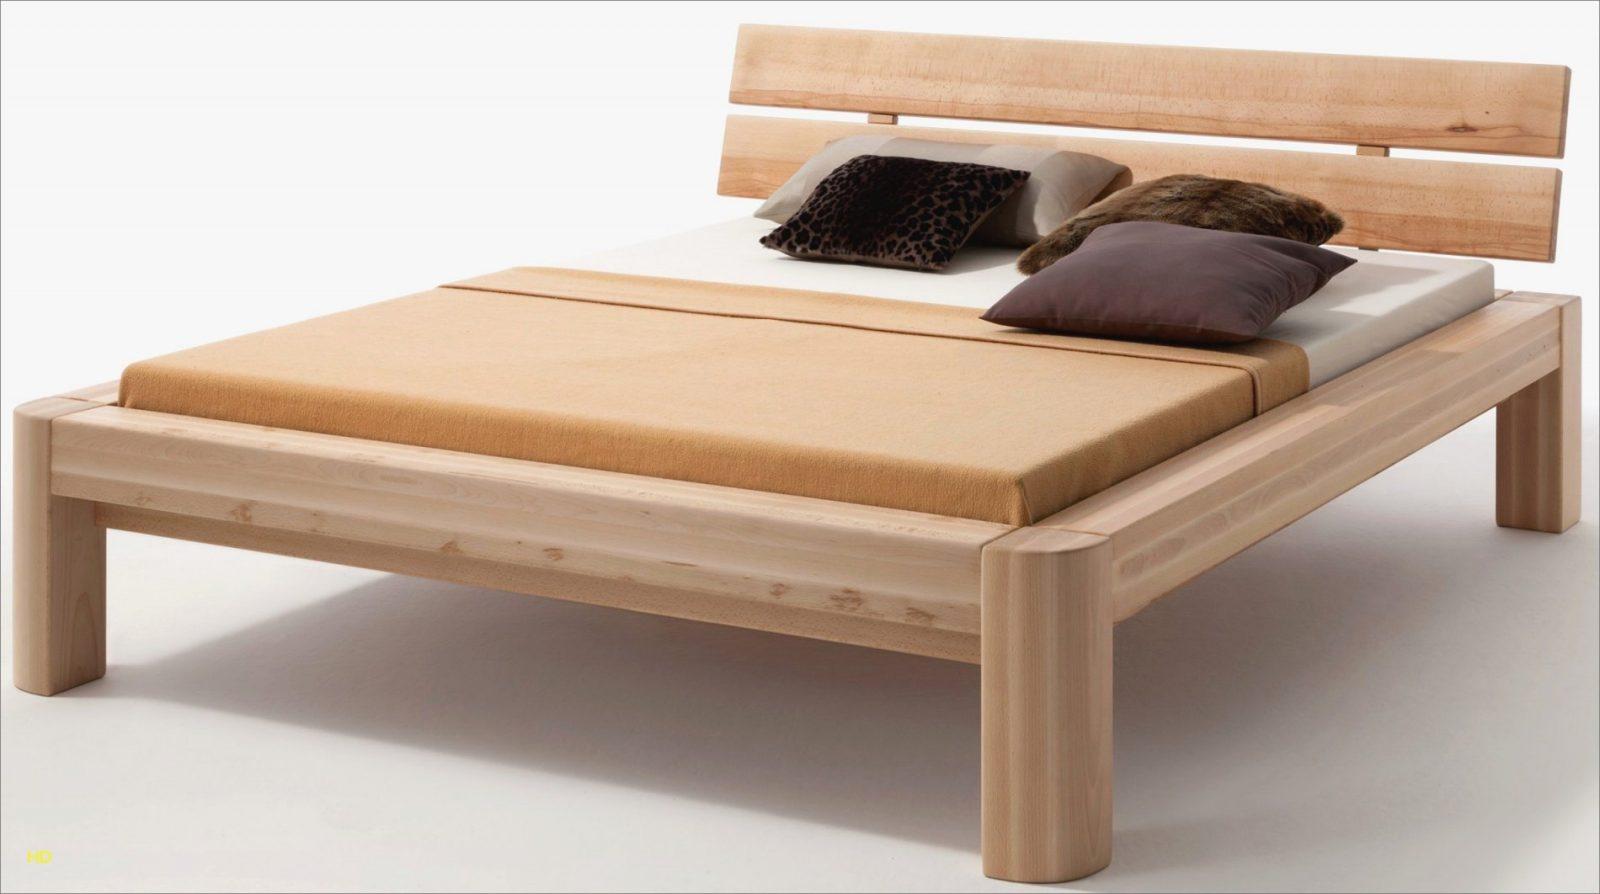 Bett 200X200 Mit Stauraum — Haus Möbel von Podestbett Stauraum Bett Selber Bauen Bild